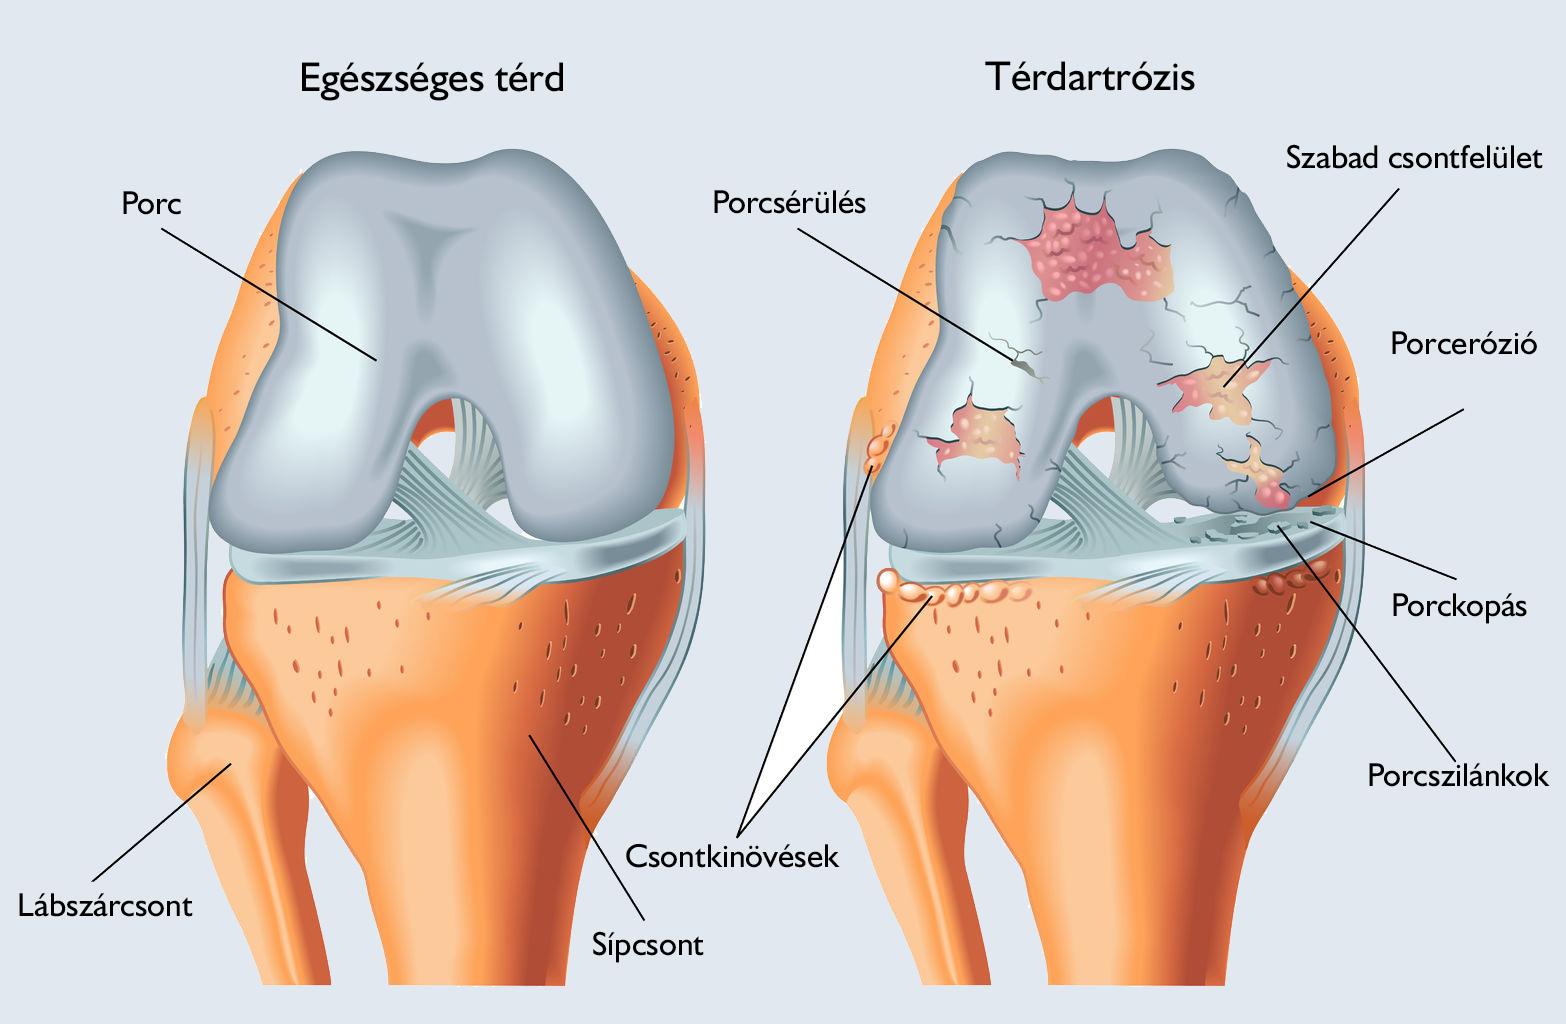 orvosi epe a térdízületek ízületi gyulladásáért rheumatoid arthritis milyen ízületek